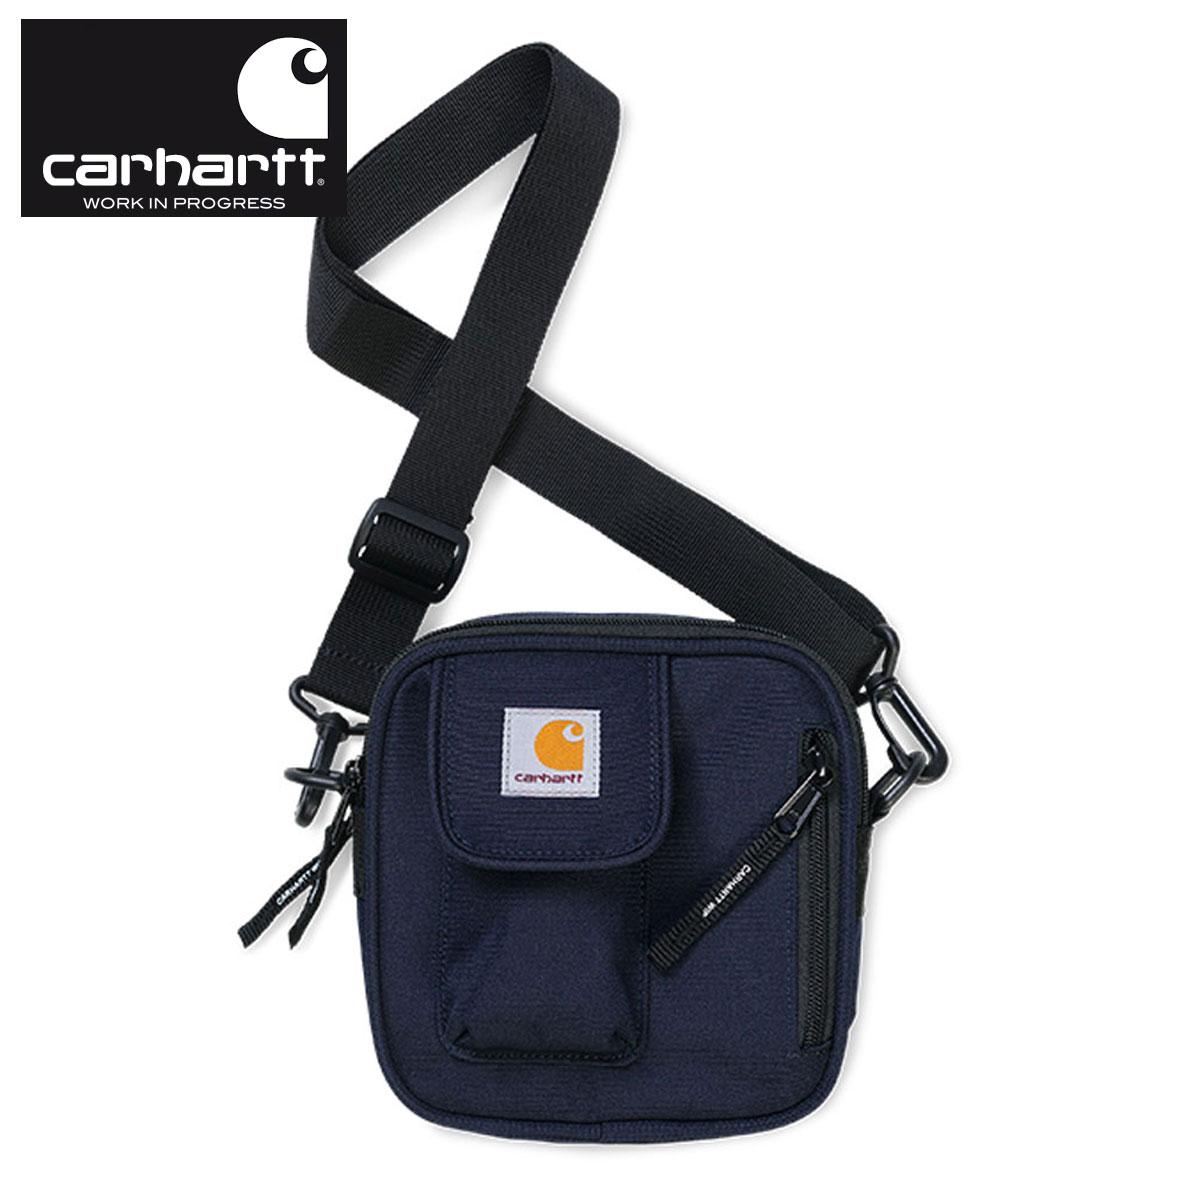 カーハート ショルダーバッグ メンズ レディース 正規品 CARHARTT WIP ショルダーバッグ ESSENTIALS BAG SMALL DARK NAVY i006285-1c00 AB0B B3C C8D D4E E06F